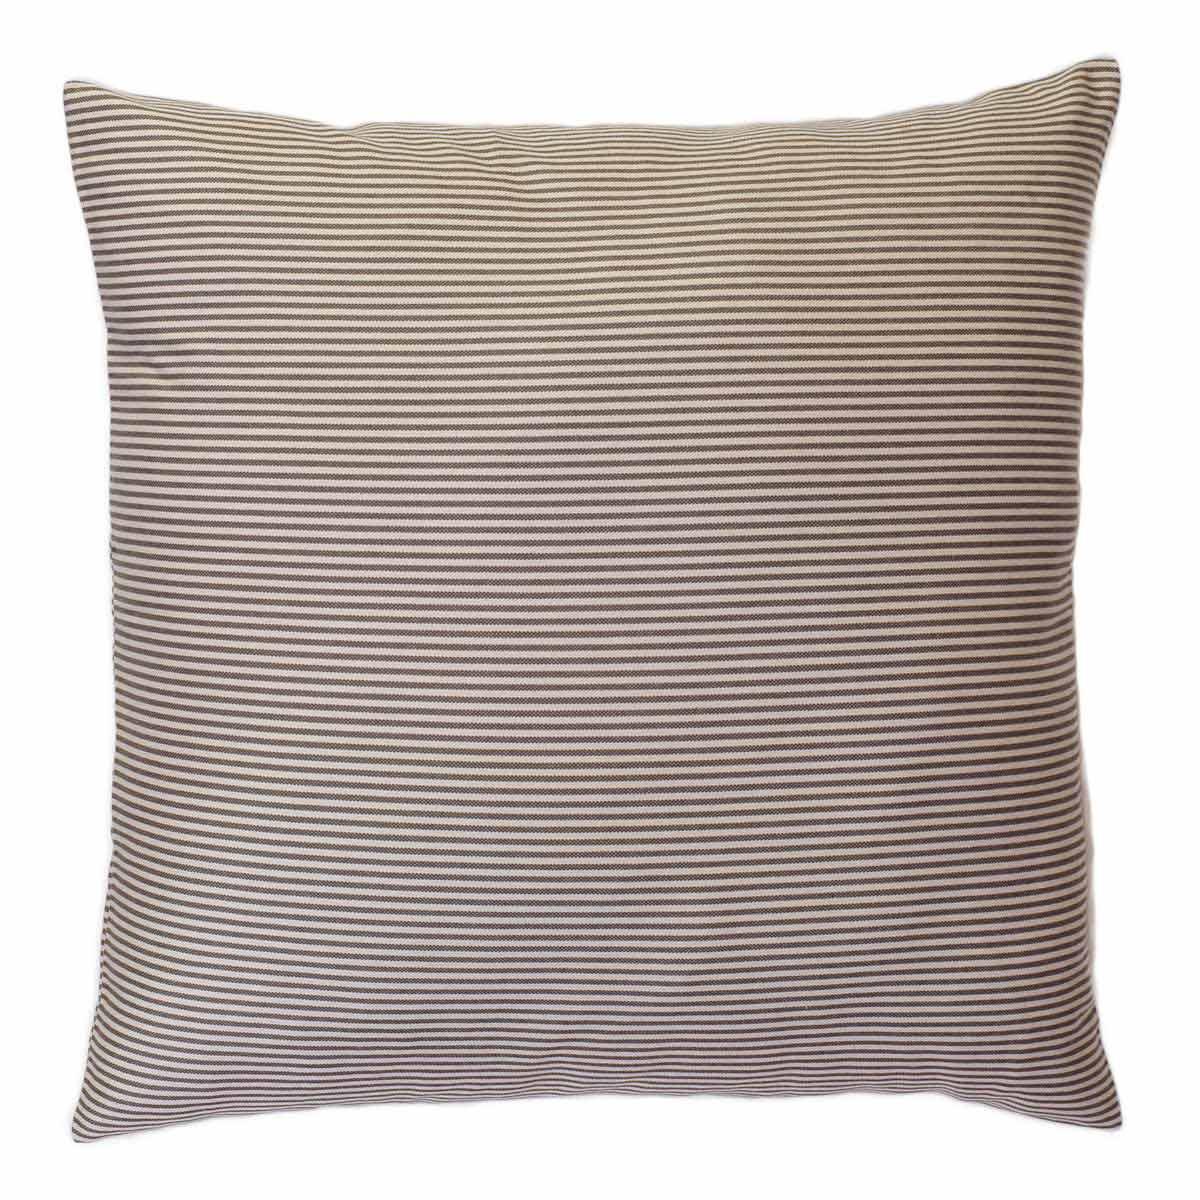 TANGER - Housse de coussin en coton à rayures écru et taupe 60 x 60